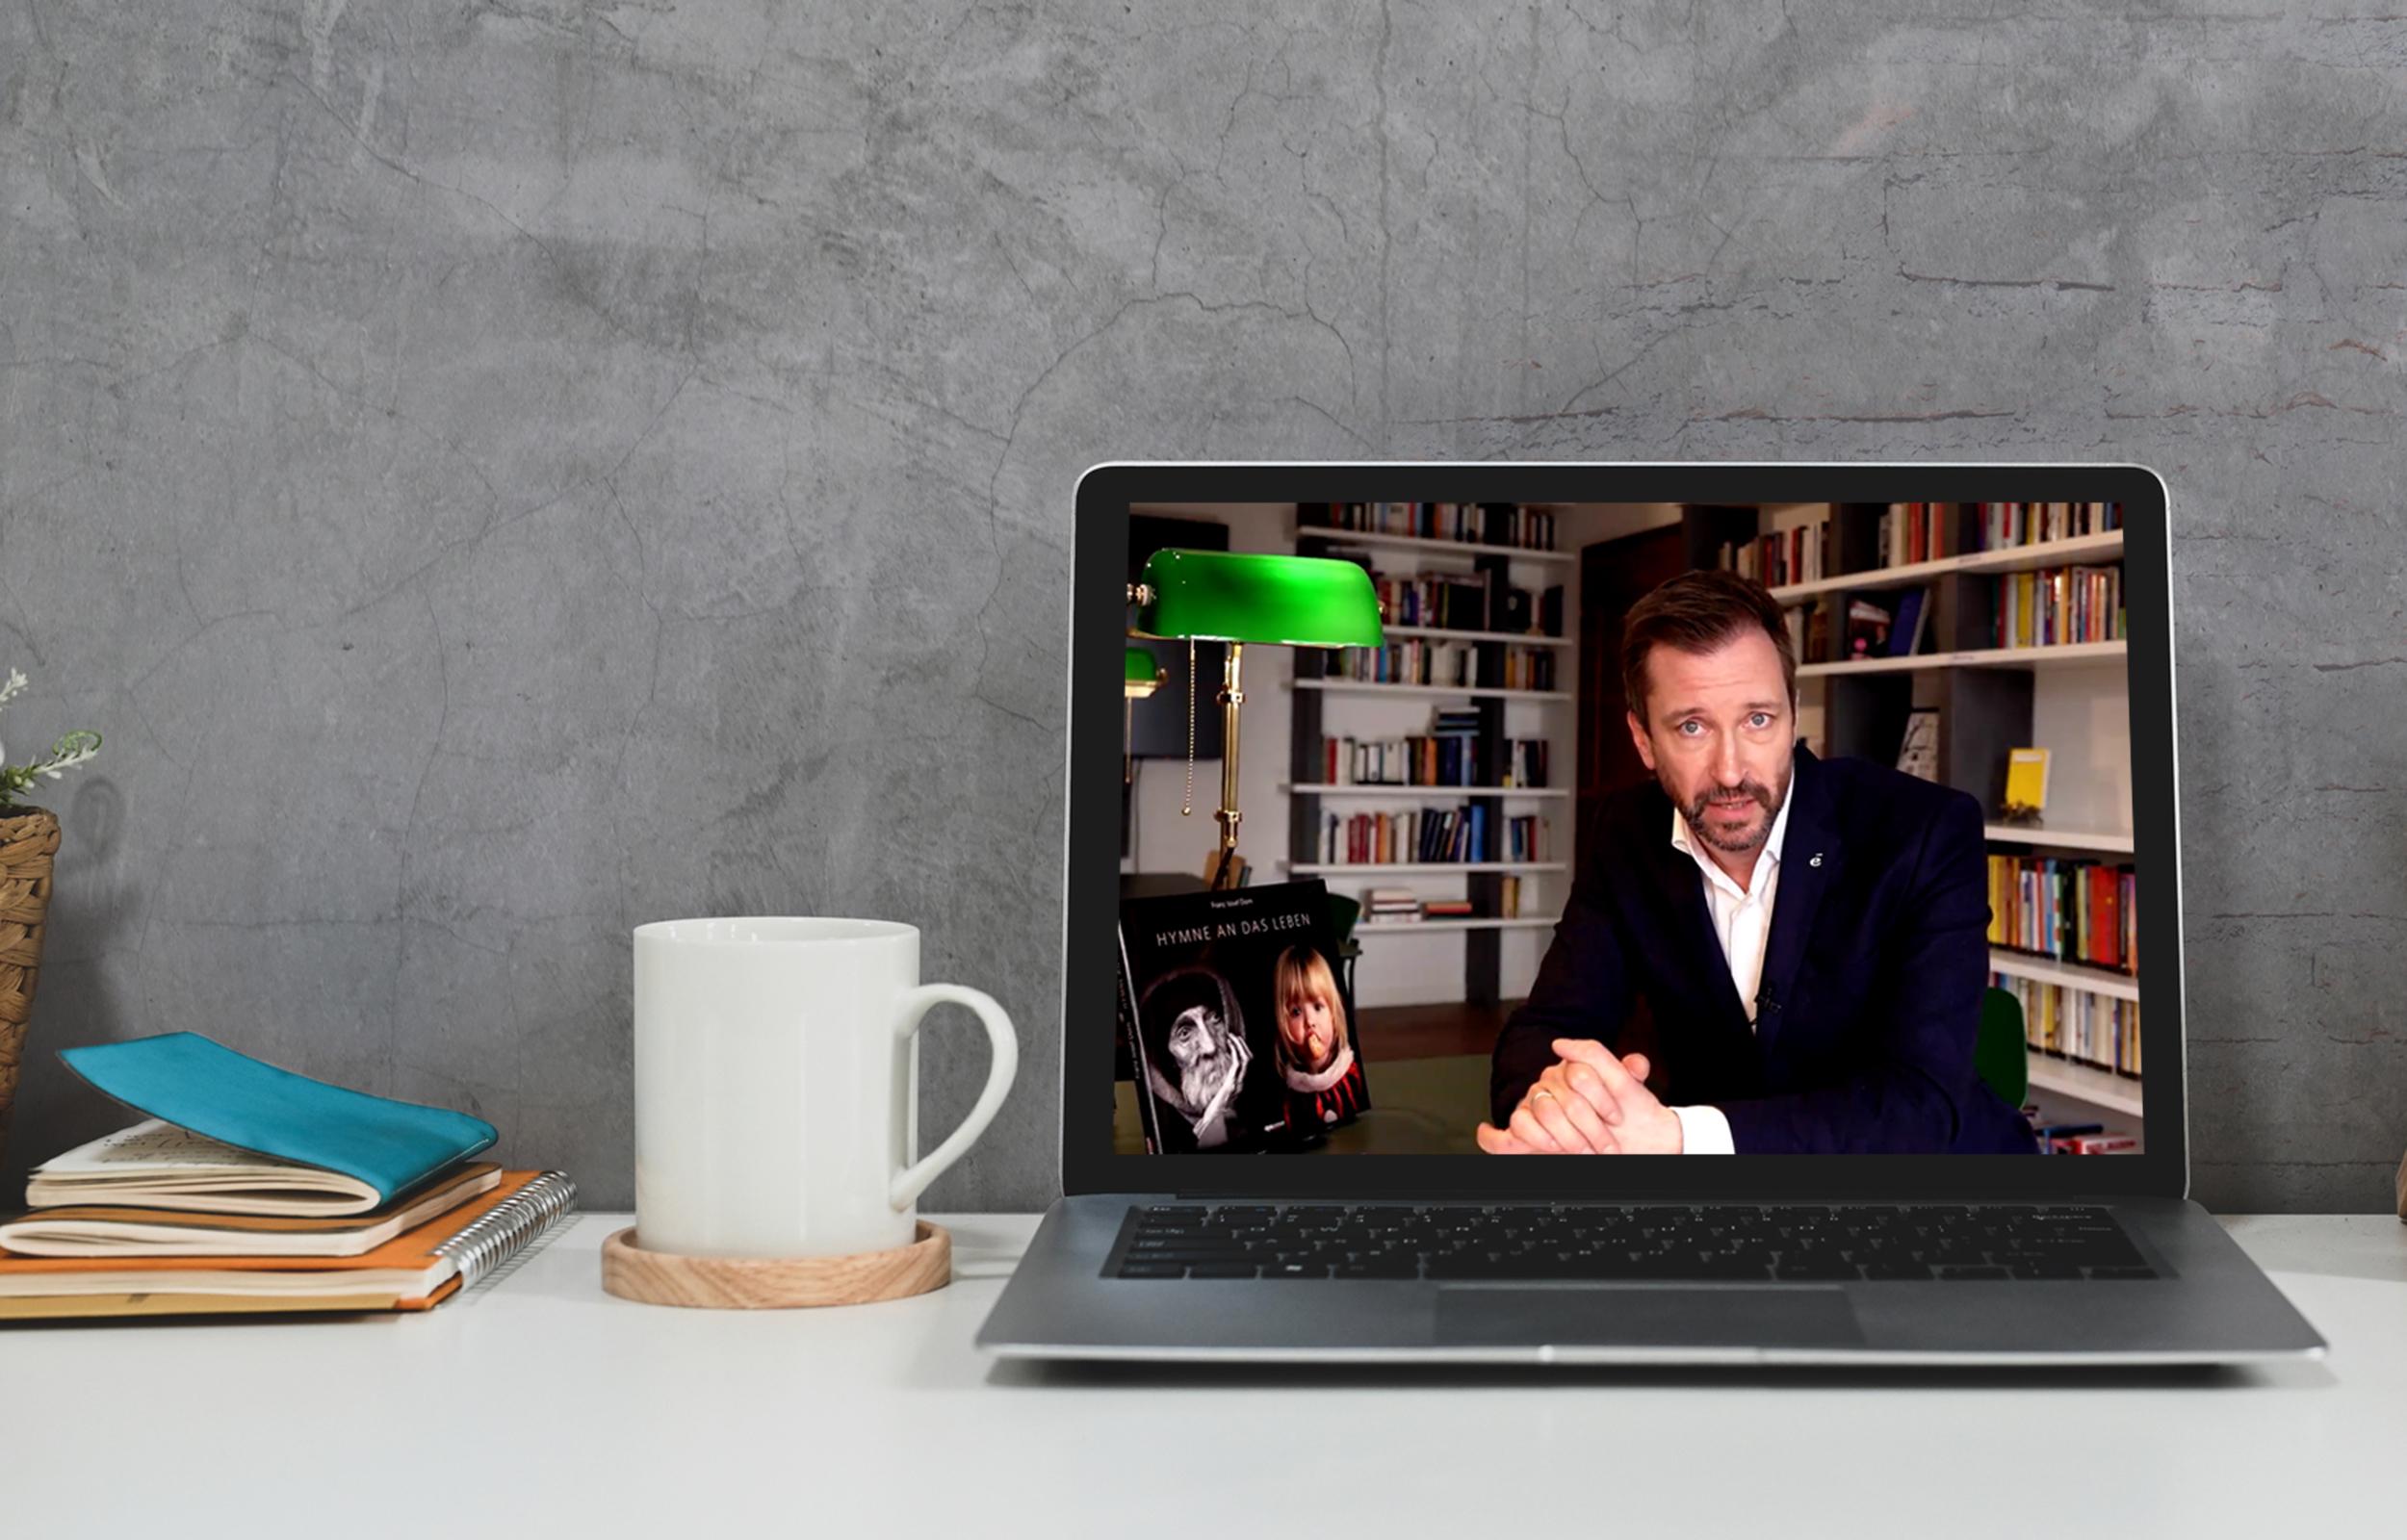 Video-Training-Modul 3: Wie Sie mehr Struktur in Online-Formaten schaffen –mit René Borbonus